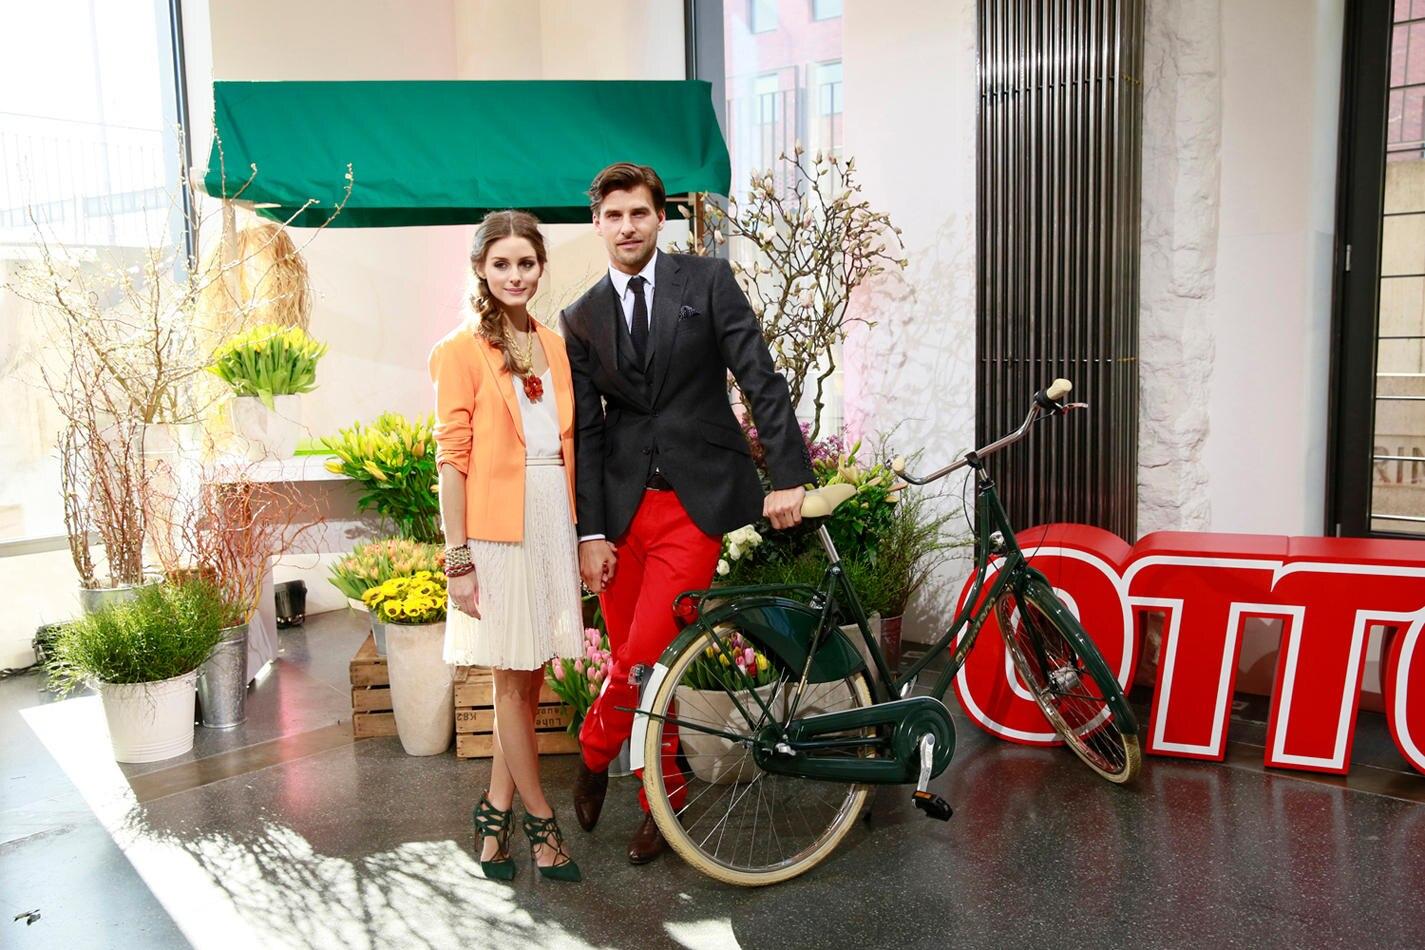 """Auch vor der Kamera ein Team: Olivia Palermo und Johannes Huebl sind die neuen Gesichter des Versandhauses """"Otto""""."""